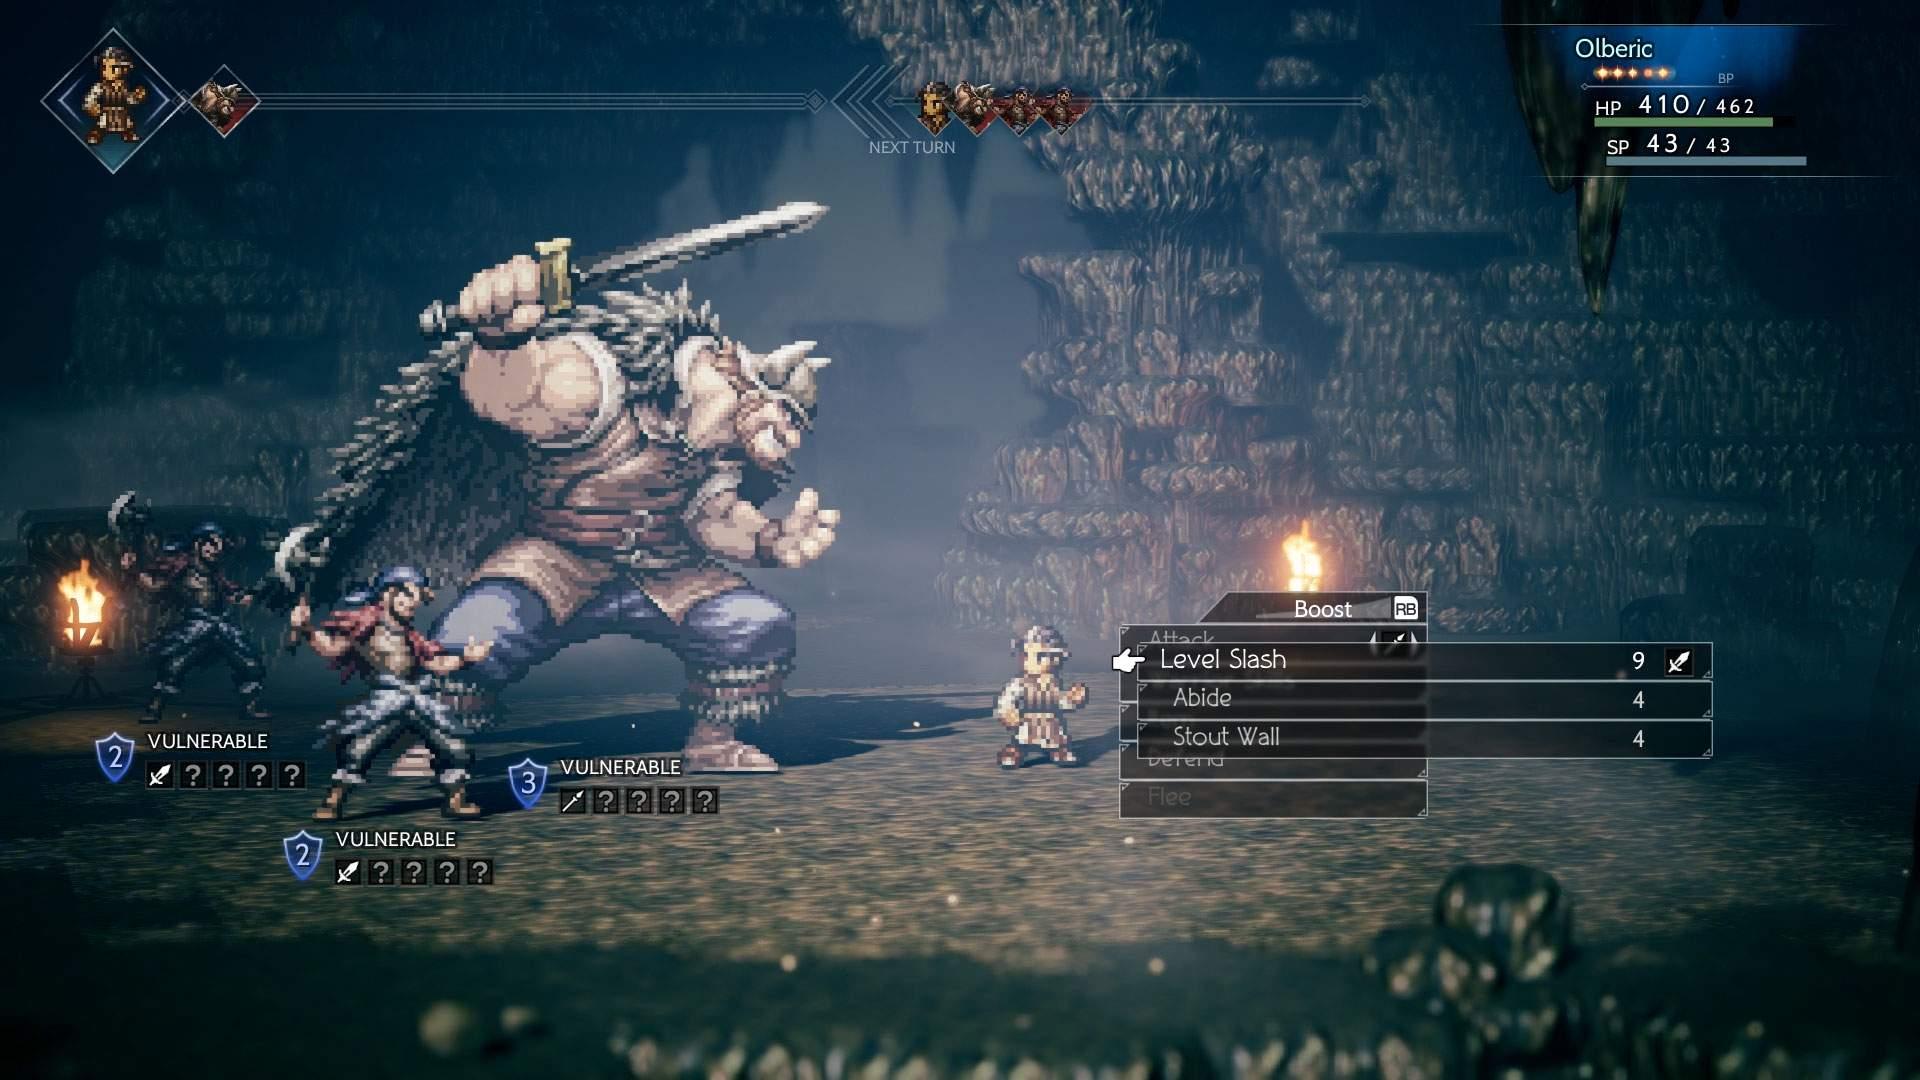 Der Screenshot zeigt Olberic, der es im rundenbasierten Kampf in einem düsteren Dungeon mit drei Gegnern aufnimmt.